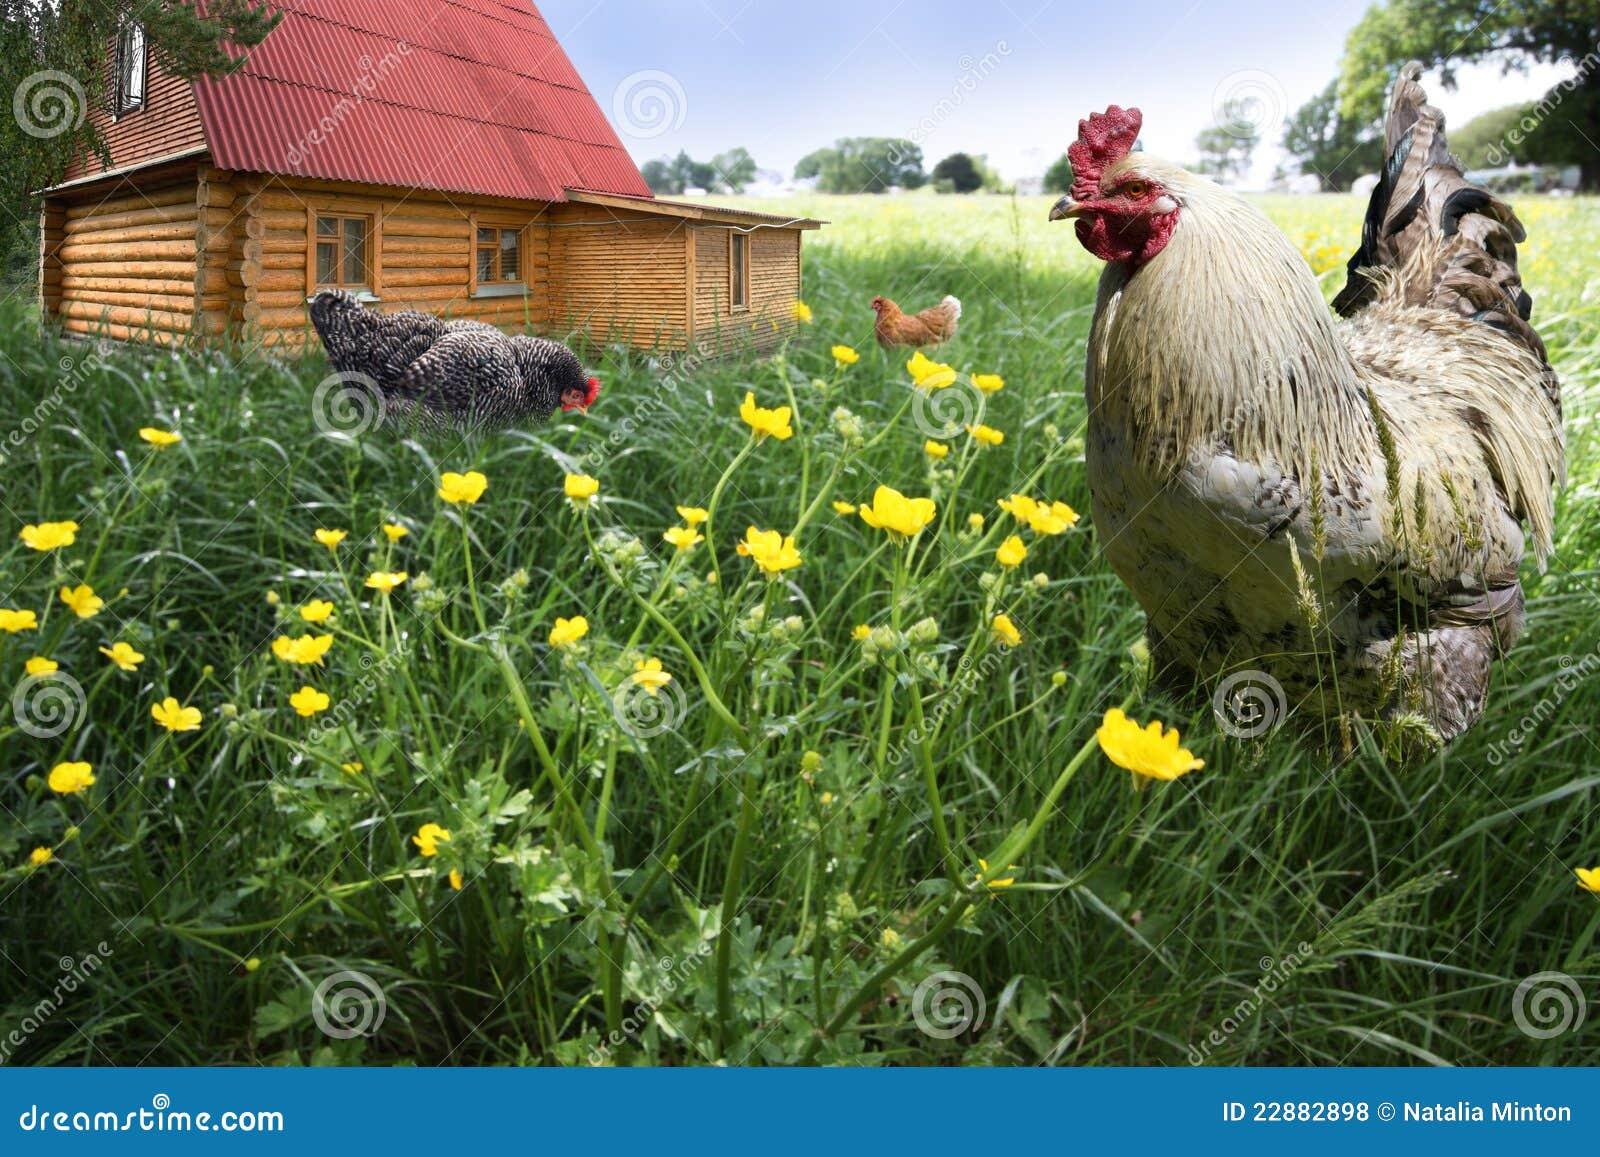 Coq et poules libres d intervalle